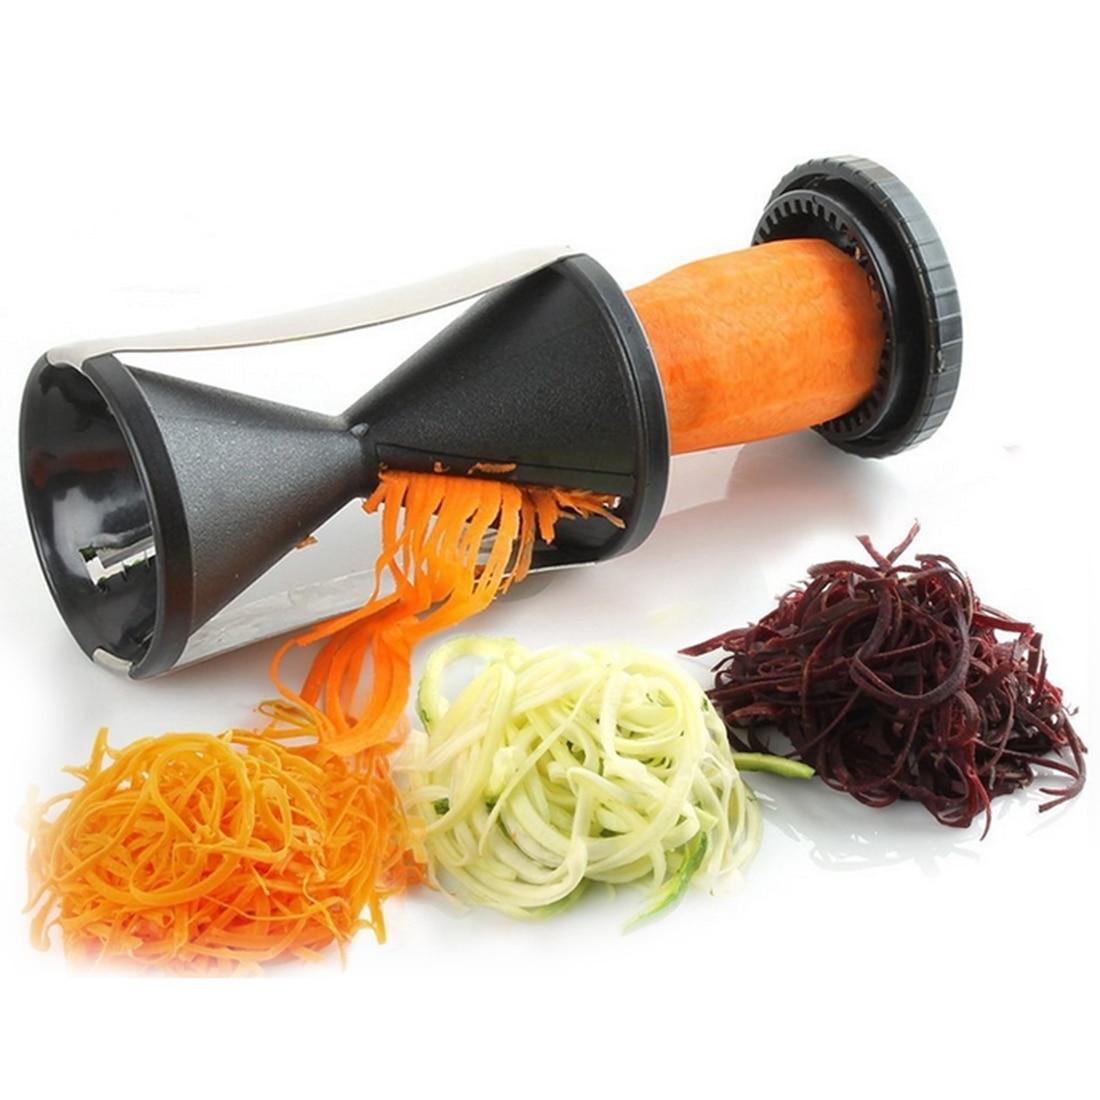 Moda Espiral máquina de Cortar Vegetal Fruta Twister Cortador Peeler de Cocina H